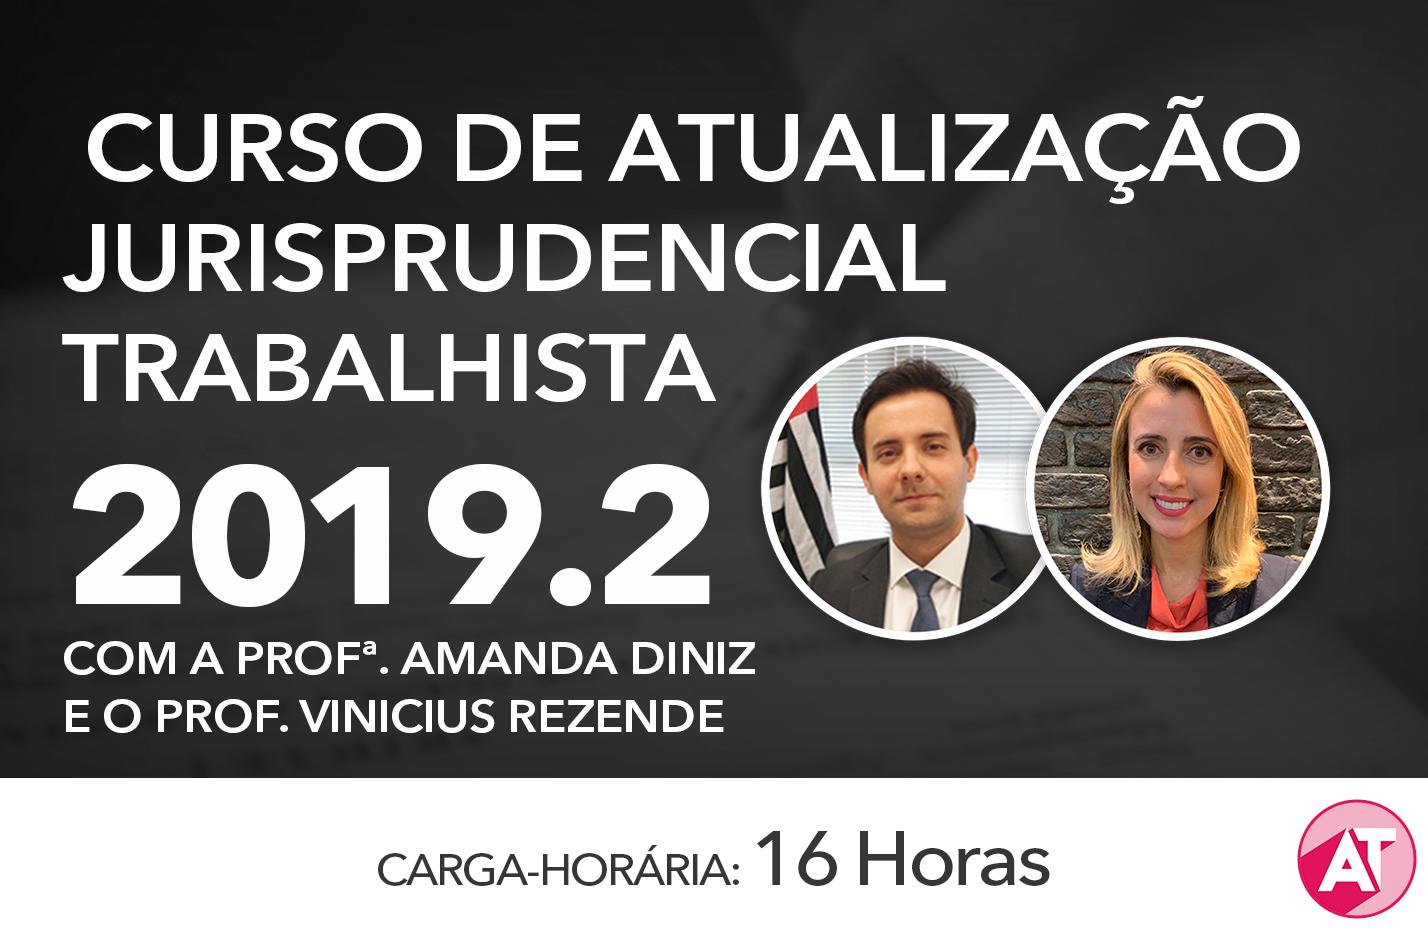 ATUALIZAÇÃO JURISPRUDENCIAL TRABALHISTA ONLINE